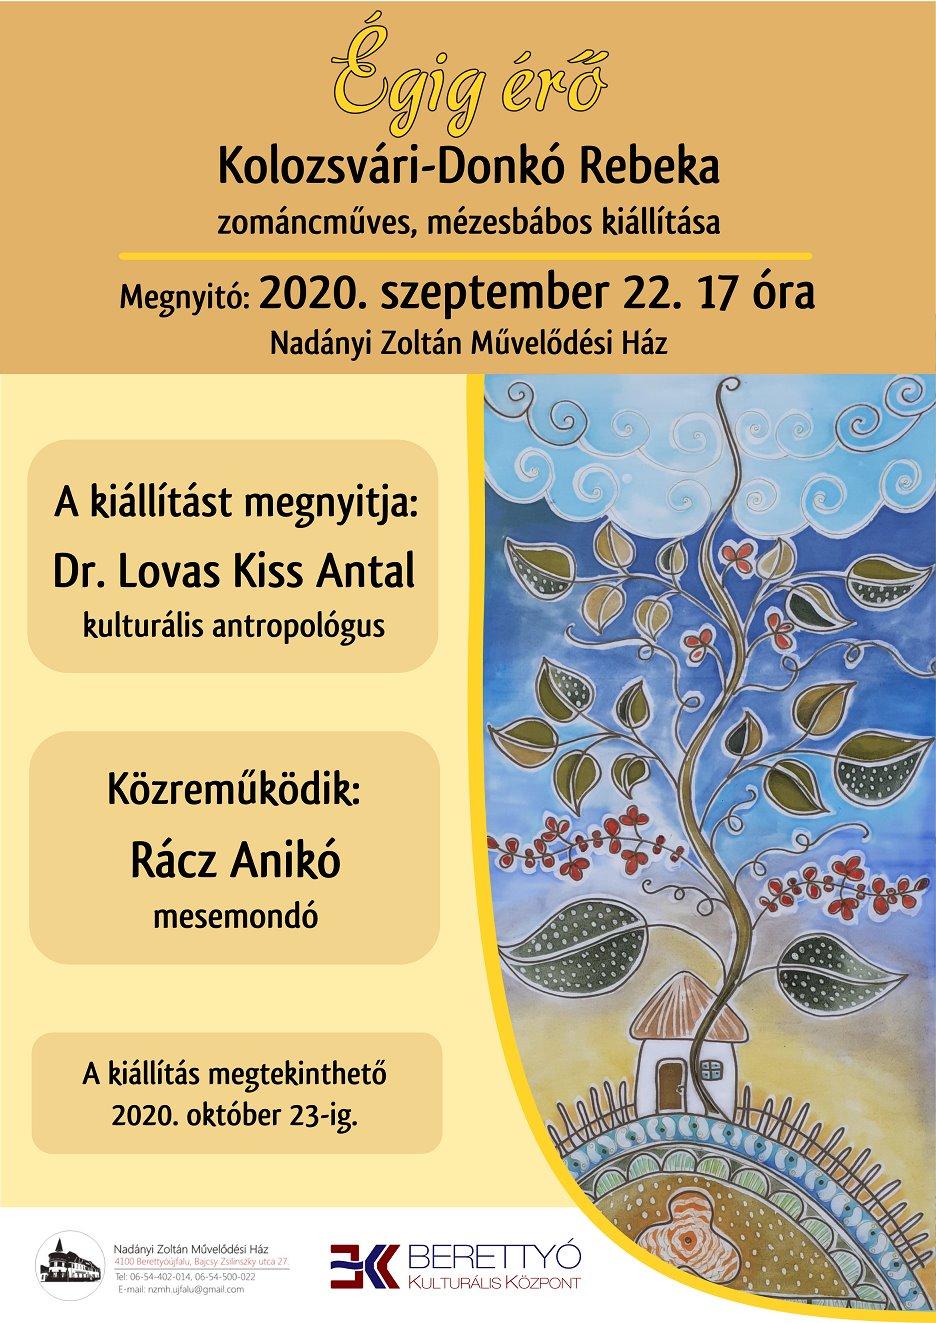 Égig érő - Kolozsvári-Donkó Rebeka zománcműves, mézesbábos kiállítása